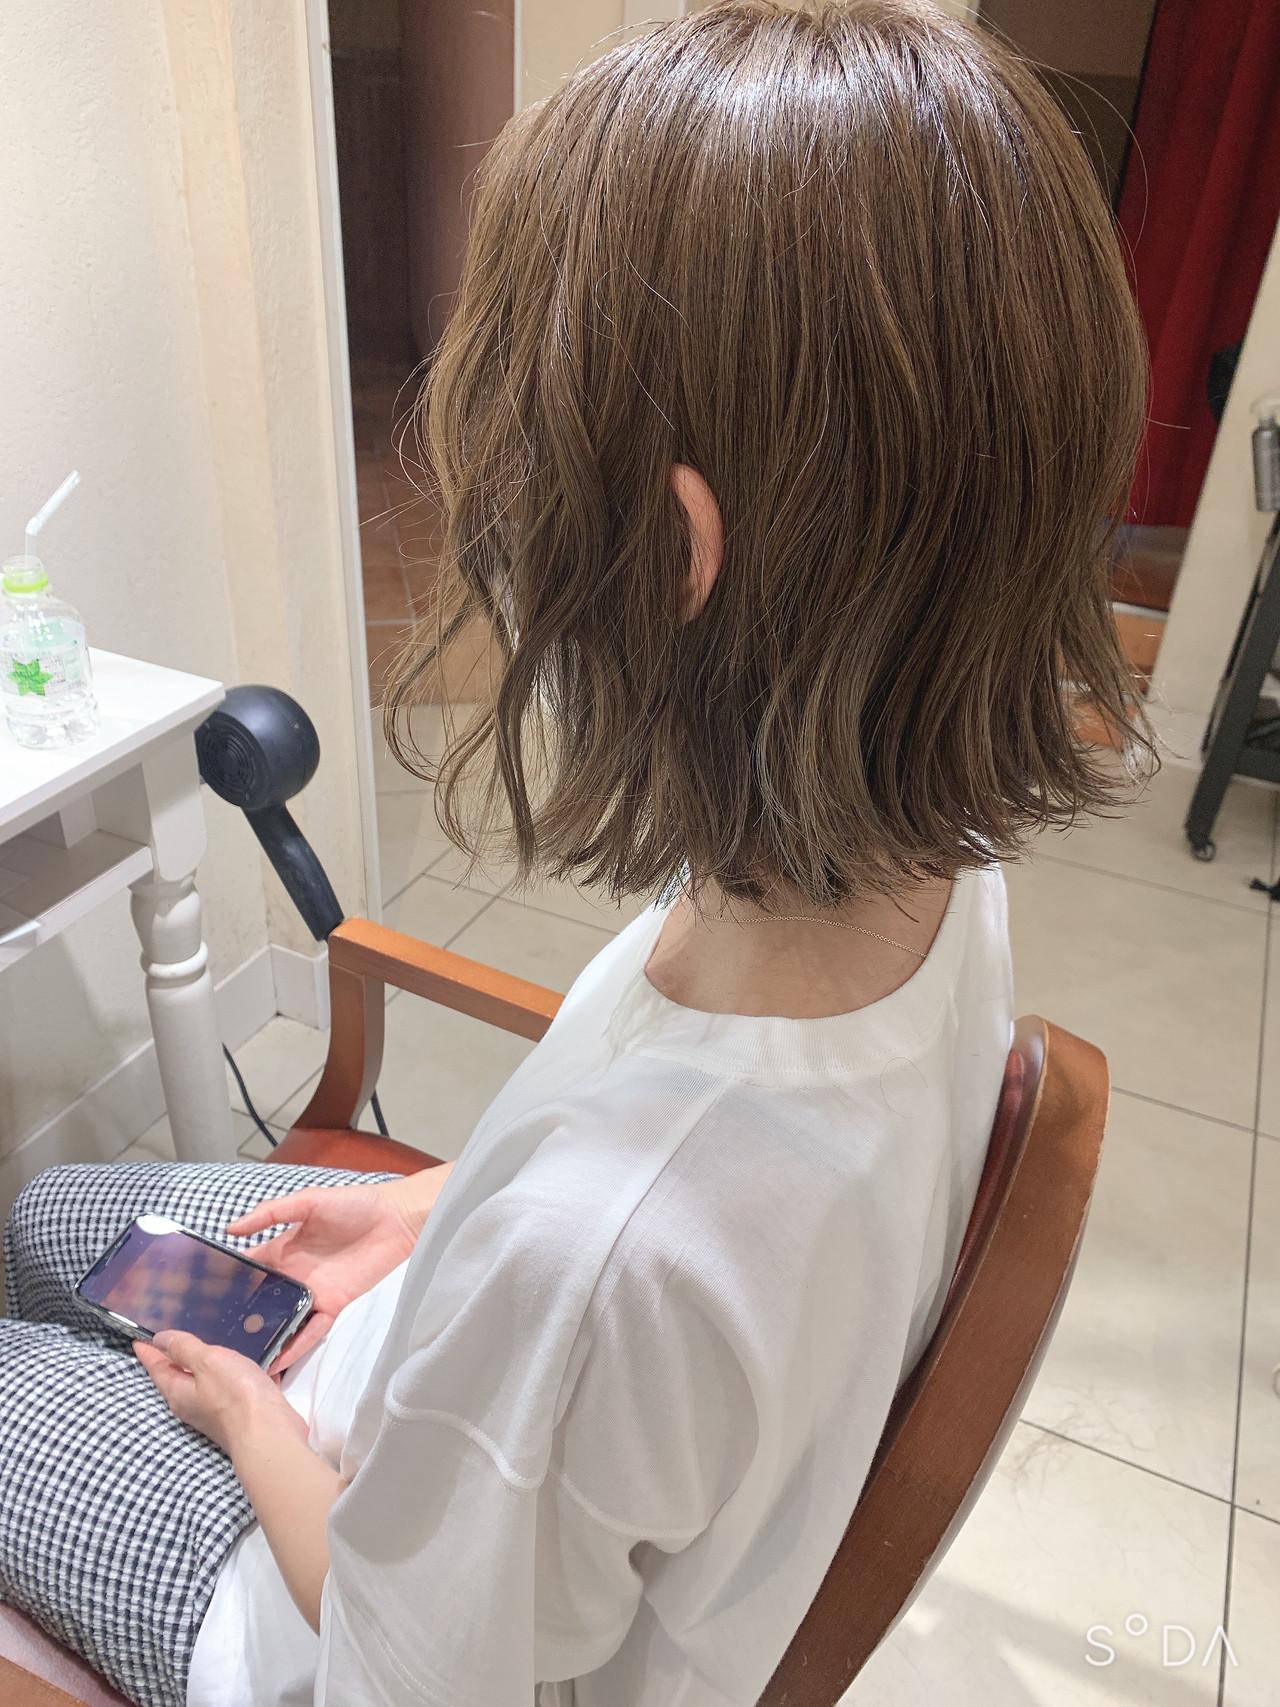 ショートヘア インナーカラー ボブ ナチュラル ヘアスタイルや髪型の写真・画像 | 宮川好江 / Euphoria SHIBUYA GRANDE